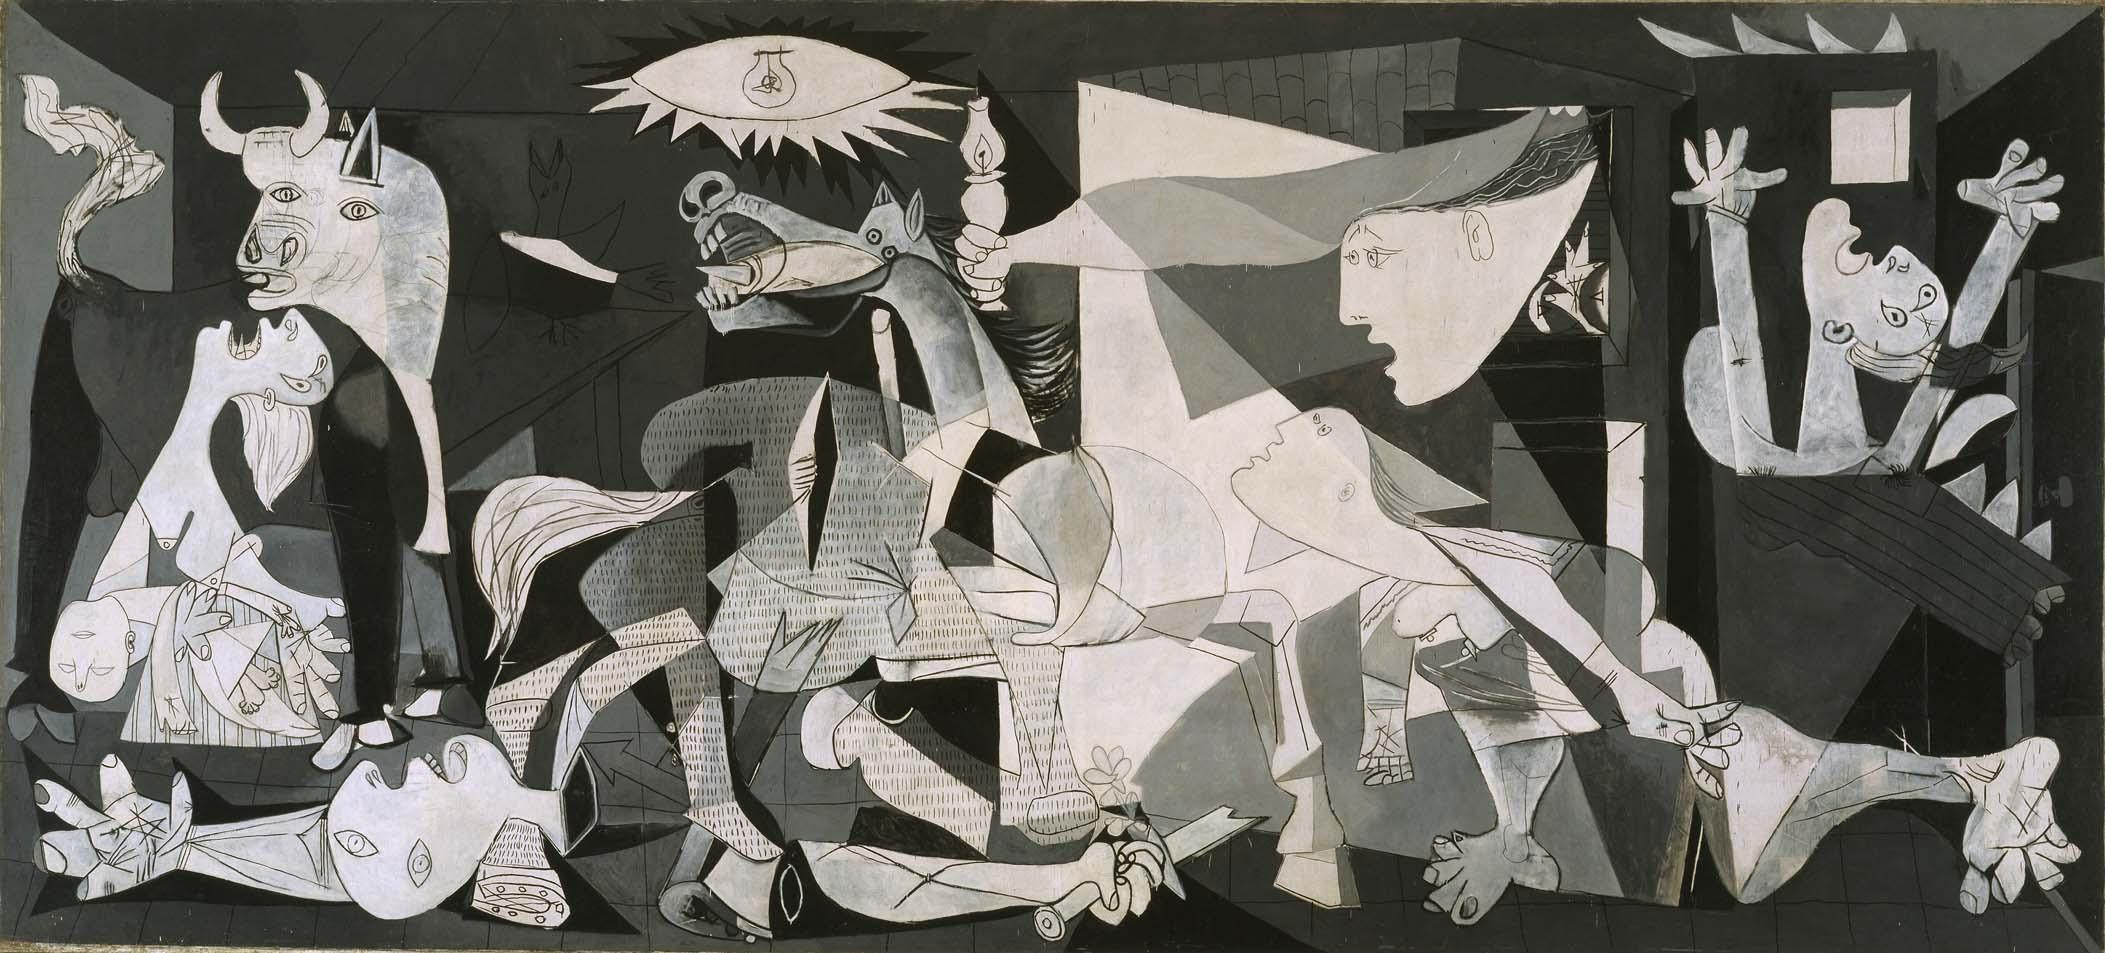 Picasso - 1937 Guernica